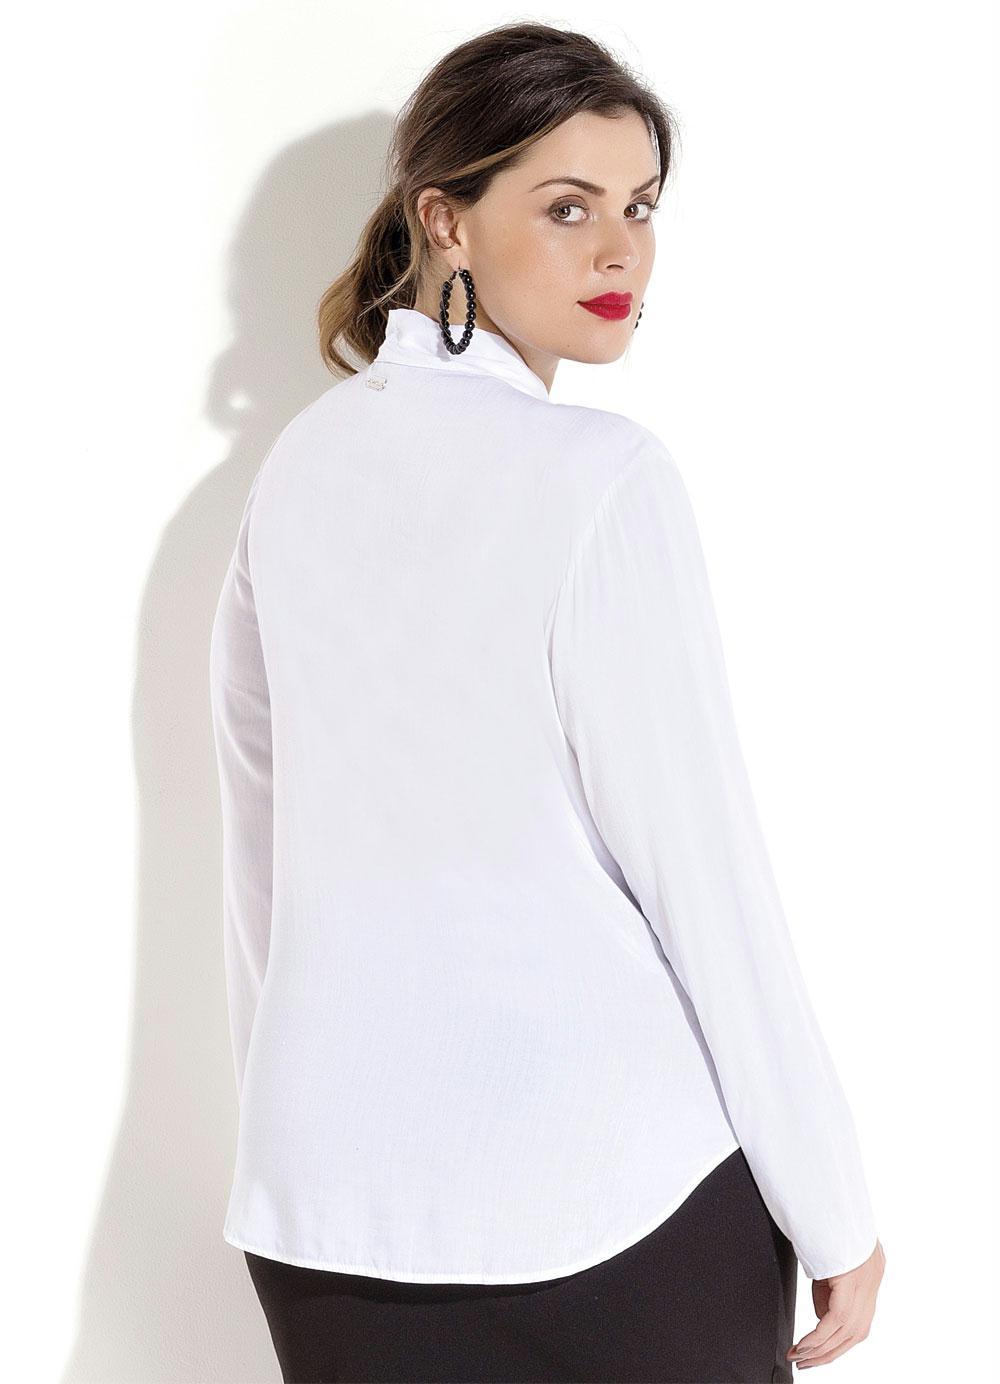 6c4e31cad0 Blusa Branca com Renda e Amarração Plus Size - Quintess